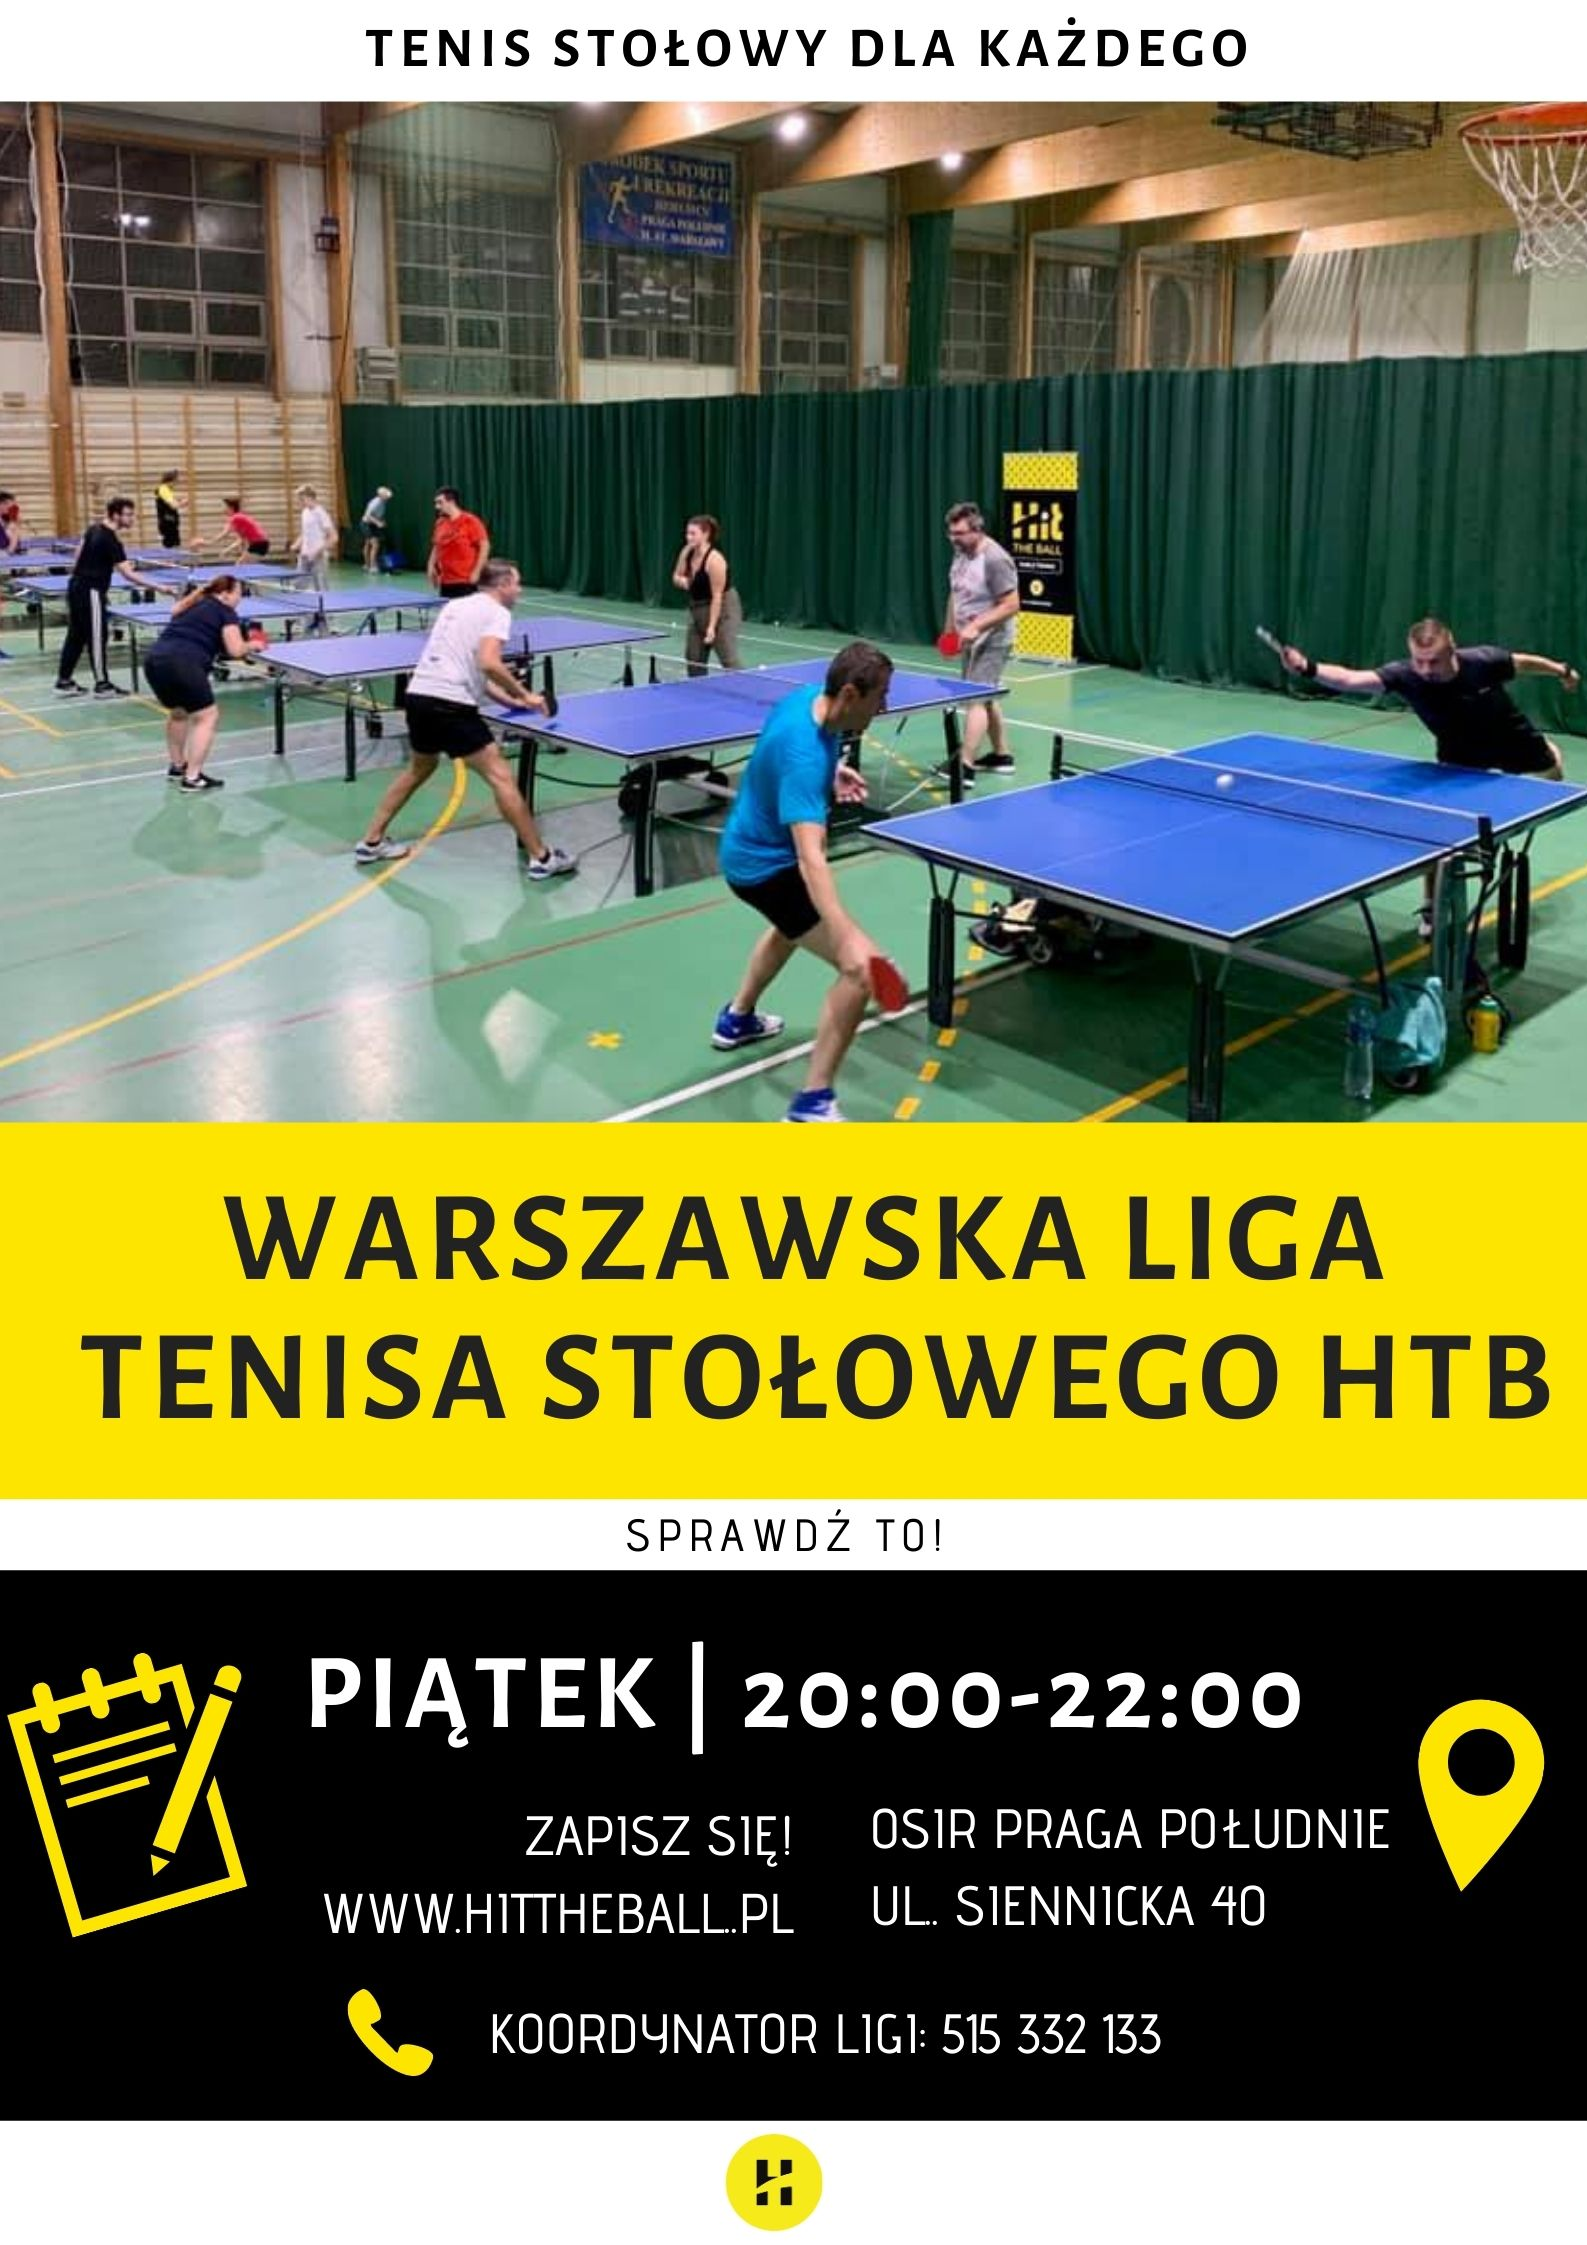 Plakat turnieju Warszawa Liga Tenisa Stołowego 2020 - 6 termin